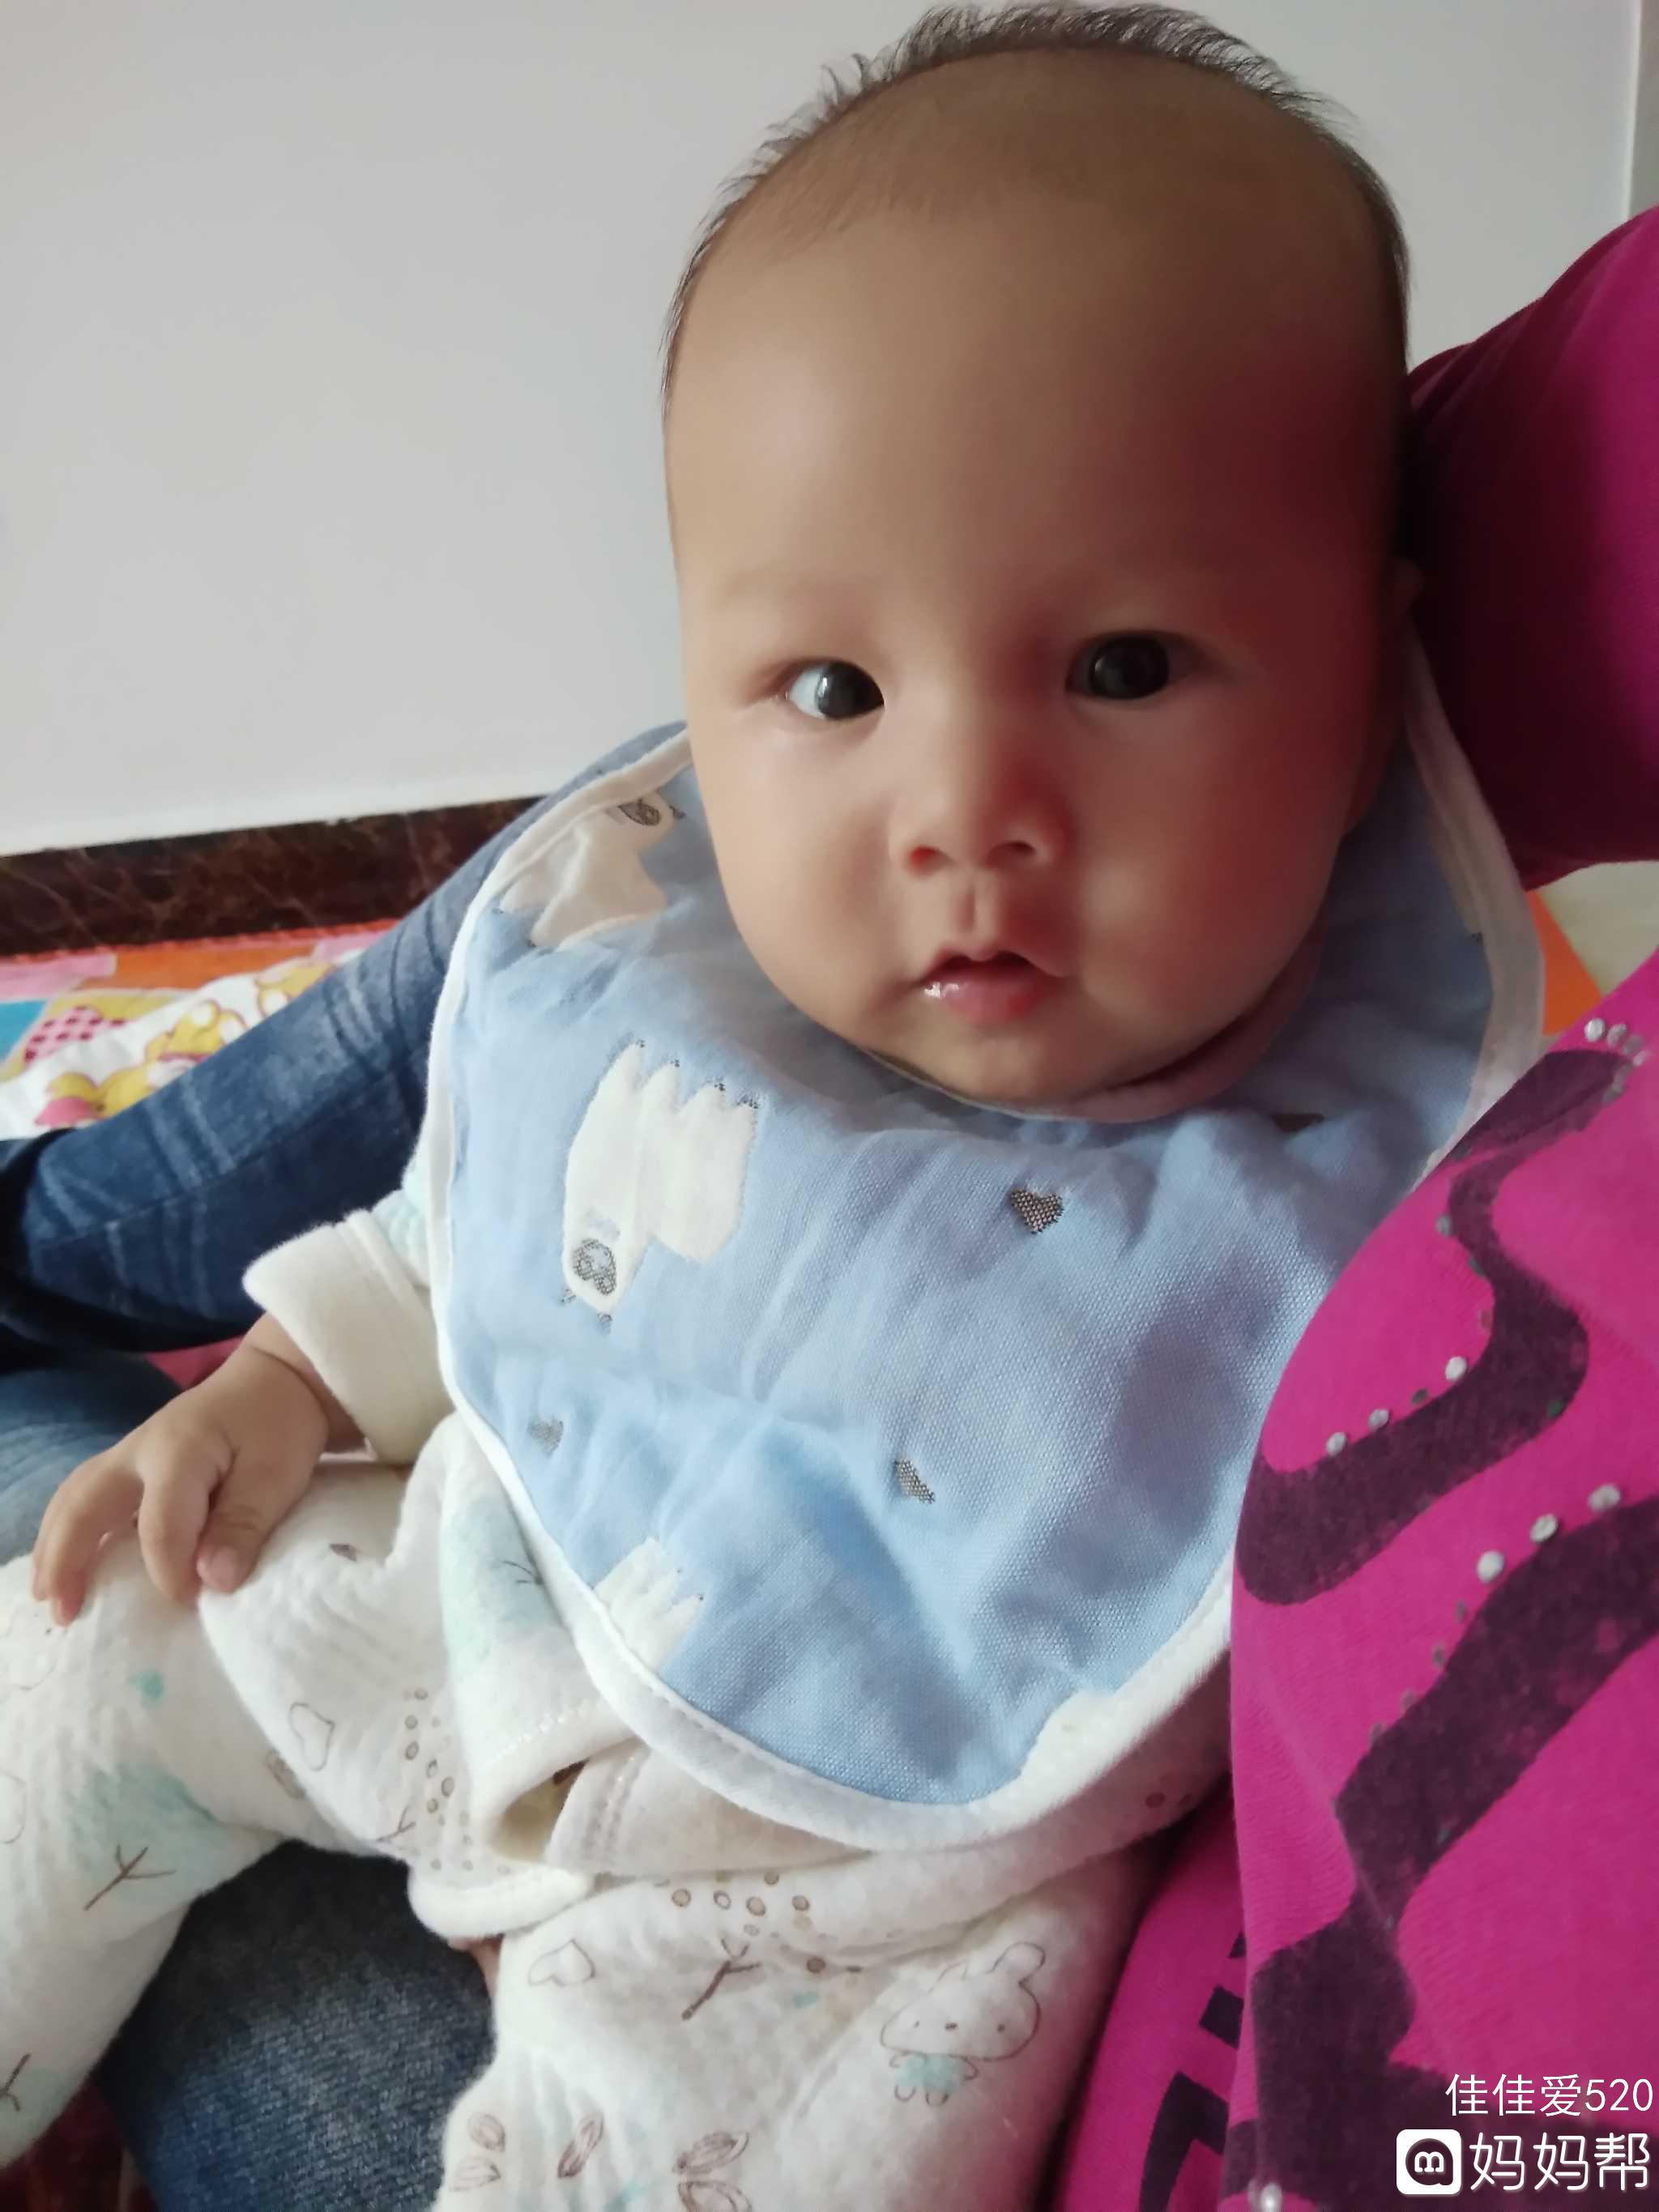 【有奖活动】 呵护新生儿娇嫩肌肤的贴心标配